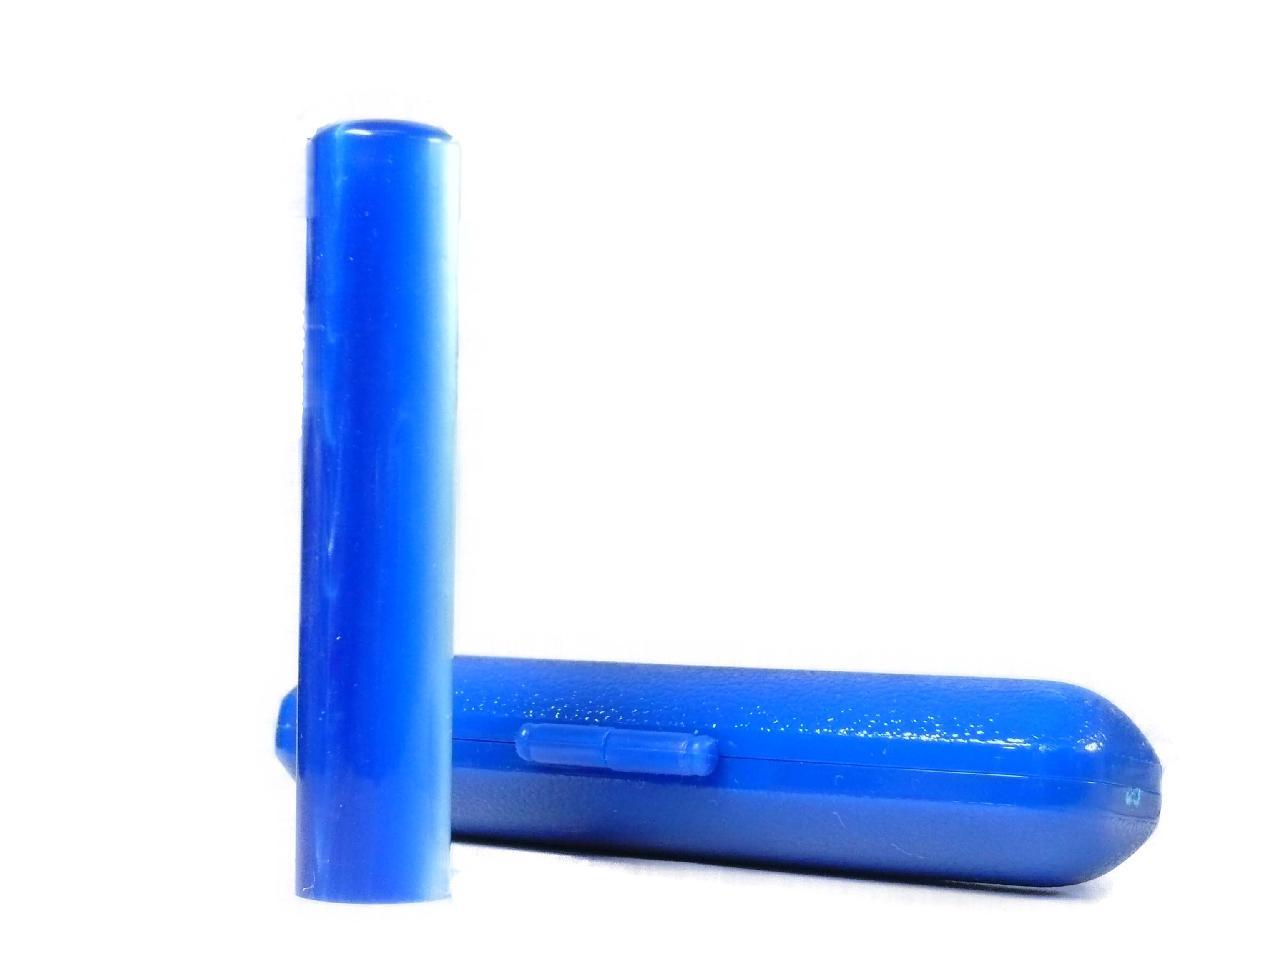 個人用 アクリルパール銀行印(紺)12.0×60mm専用ケース付